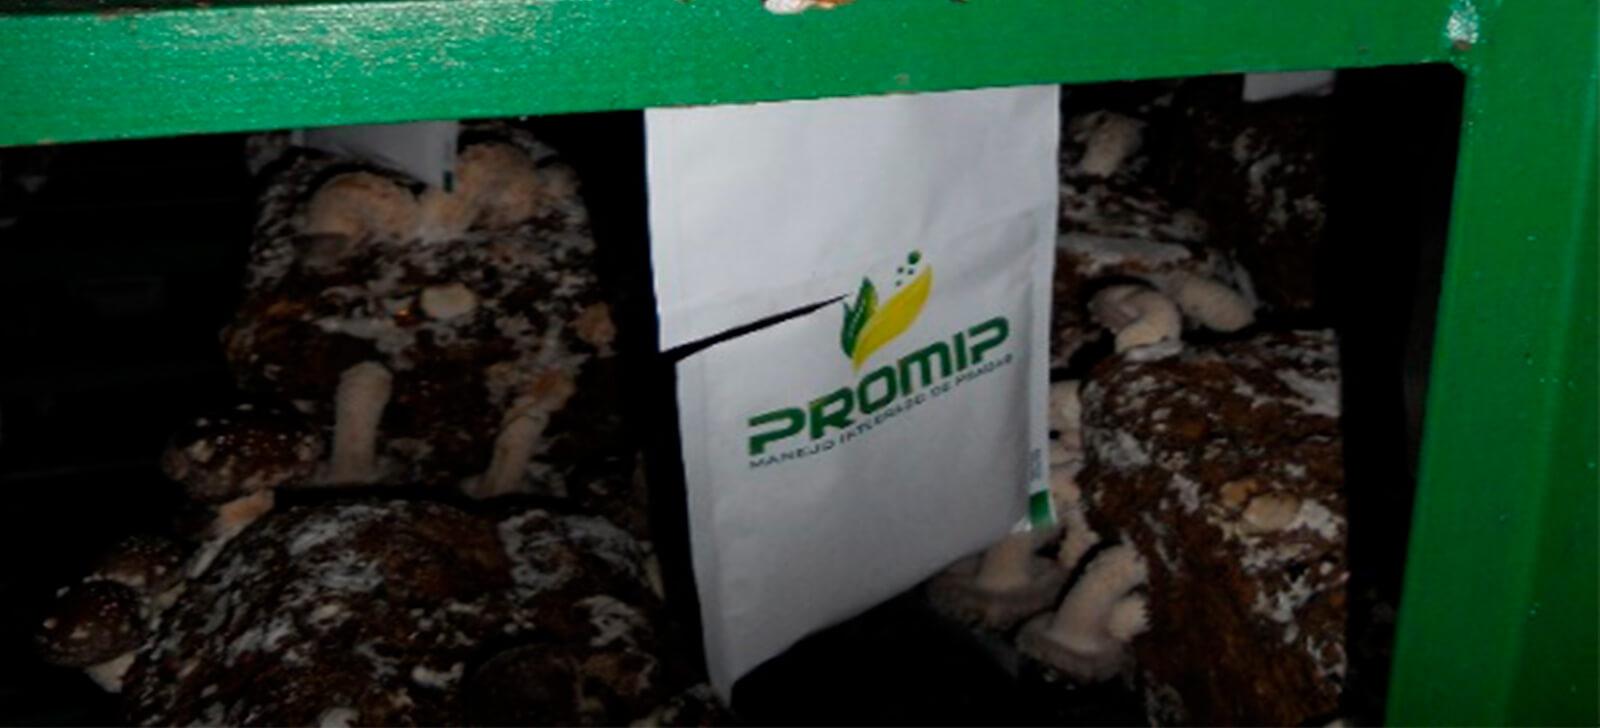 promip manejo integrado de pragas stratiomip controle fungus gnats em cogumelos liberacao stratio